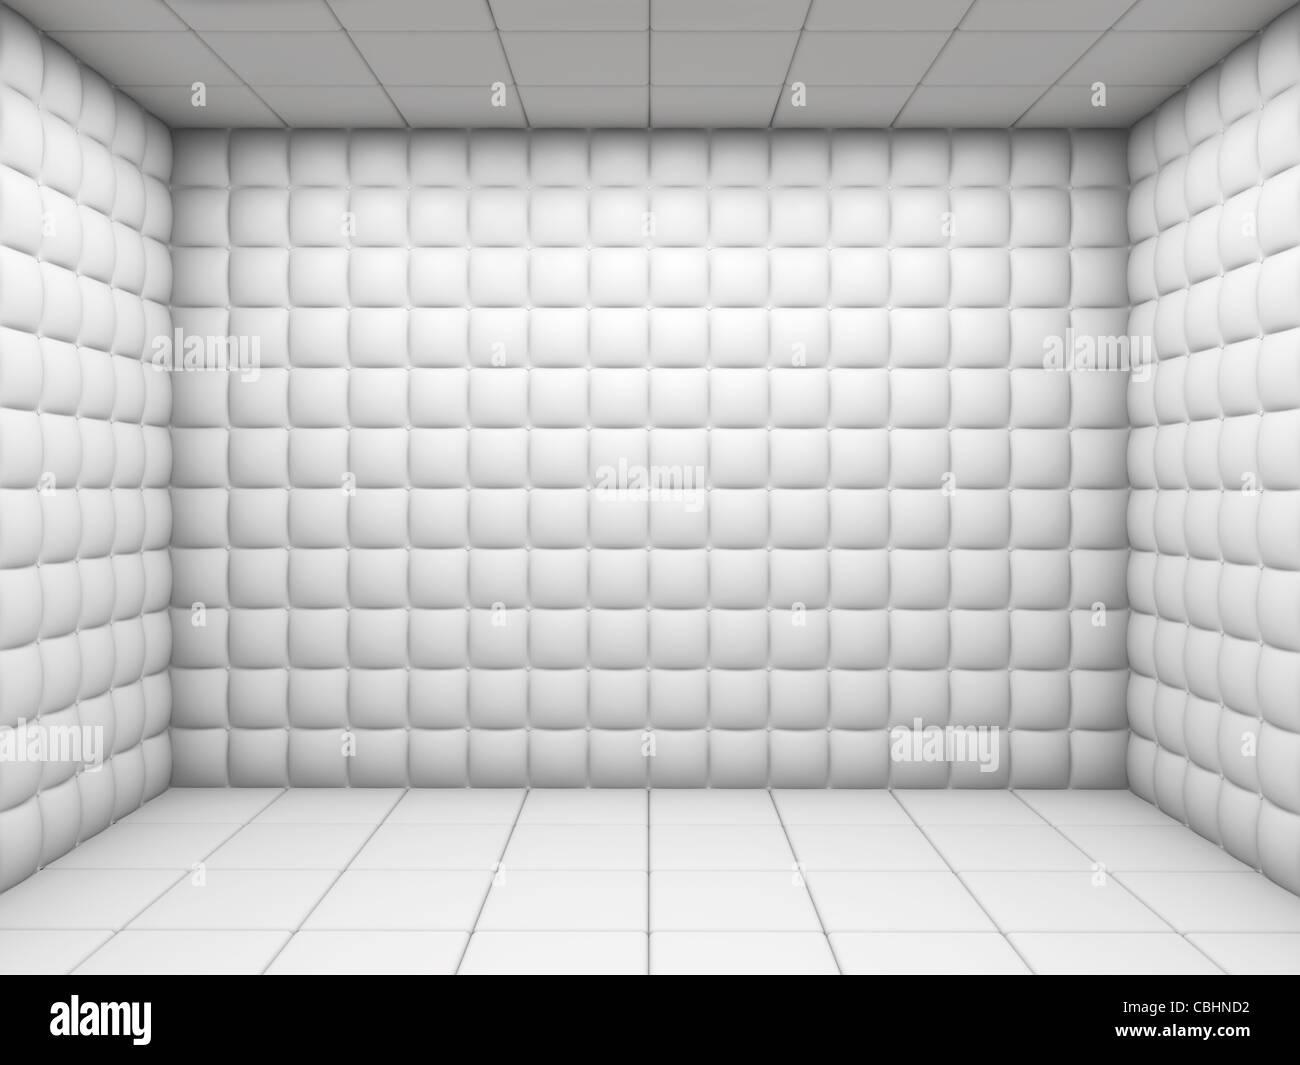 L'hôpital mental blanc chambre capitonnée avec copie espace vide Photo Stock